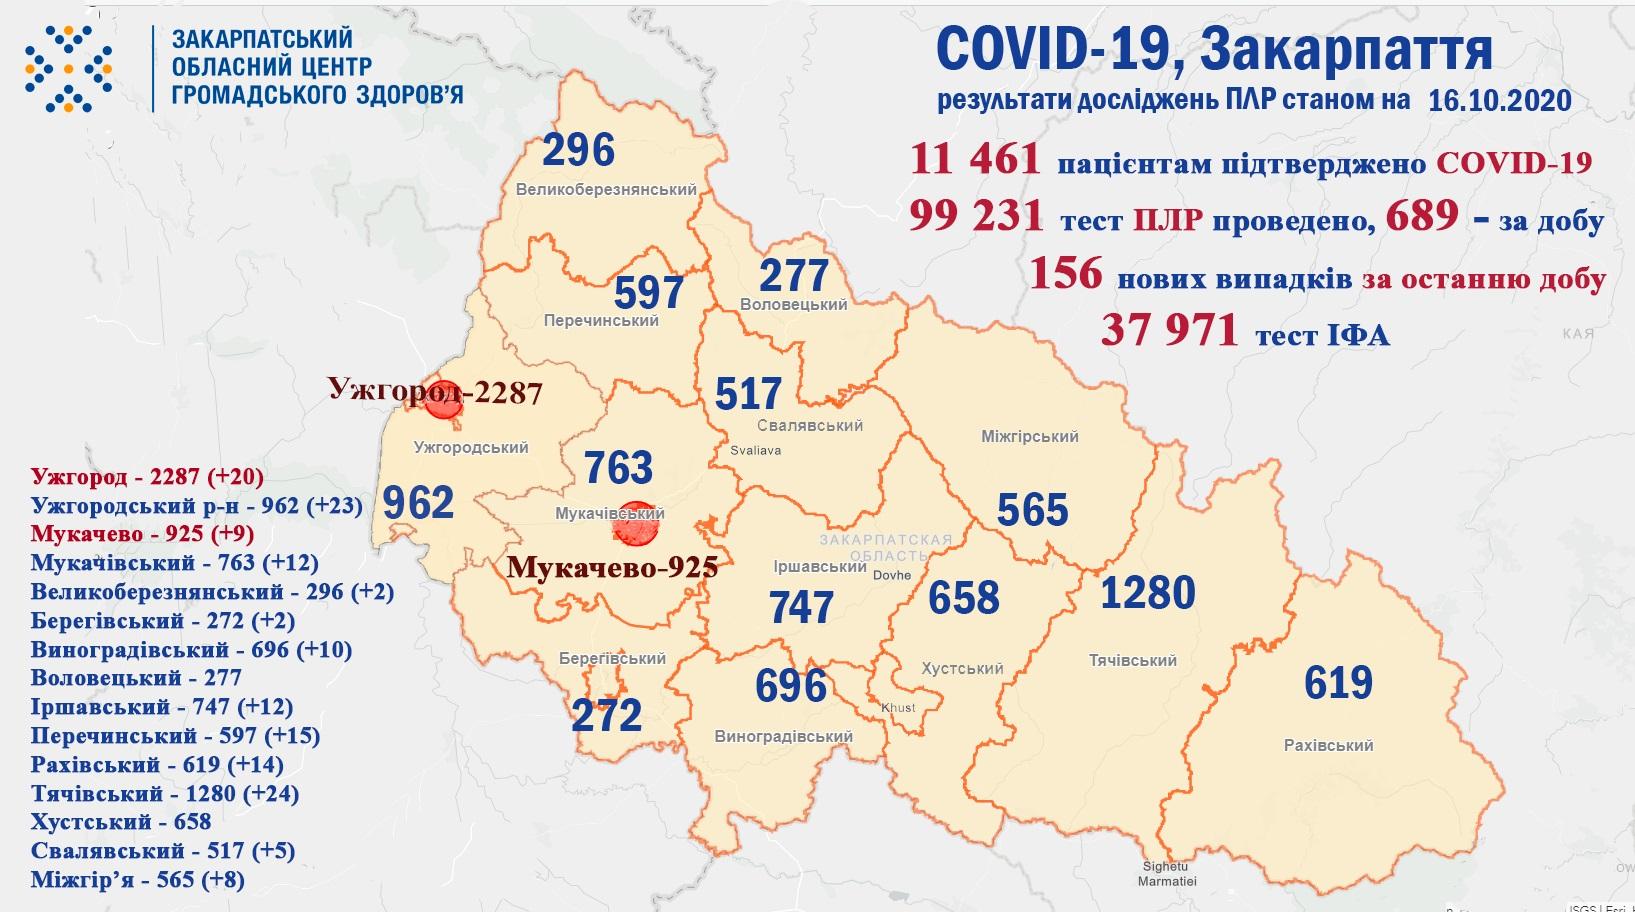 156 випадків COVID-19 виявлено на Закарпатті за добу, двоє хворих померло